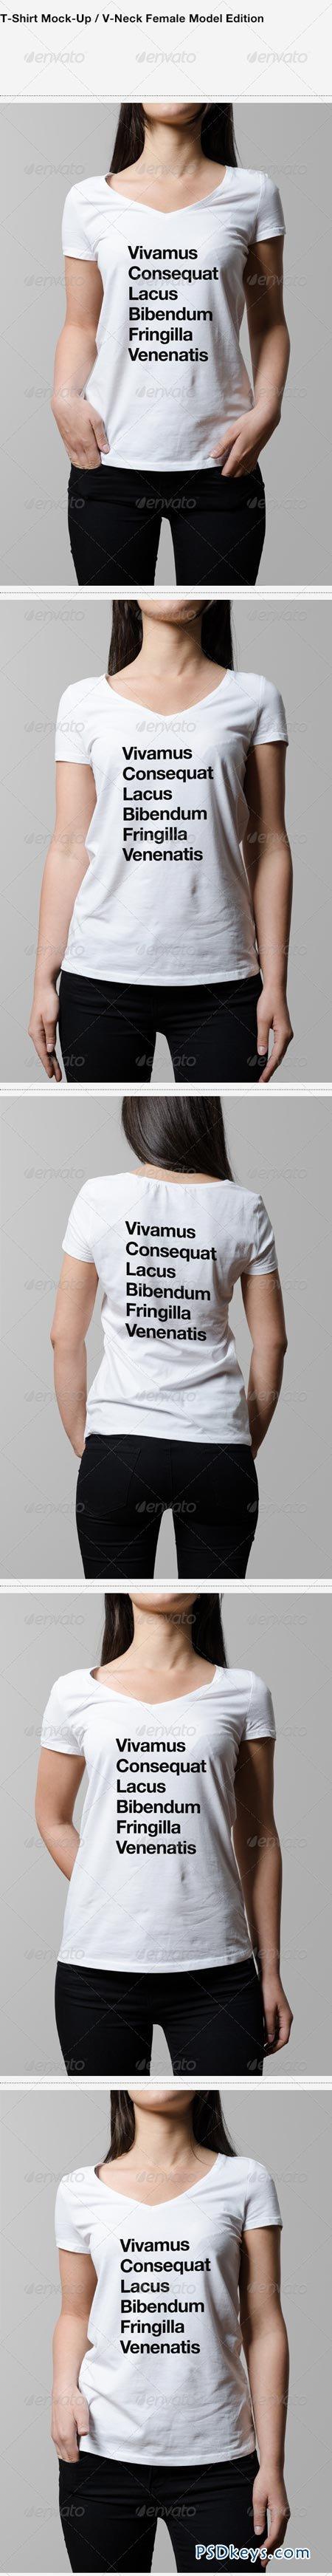 T-Shirt Mock-Up V-Neck Female Model Edition 6371868